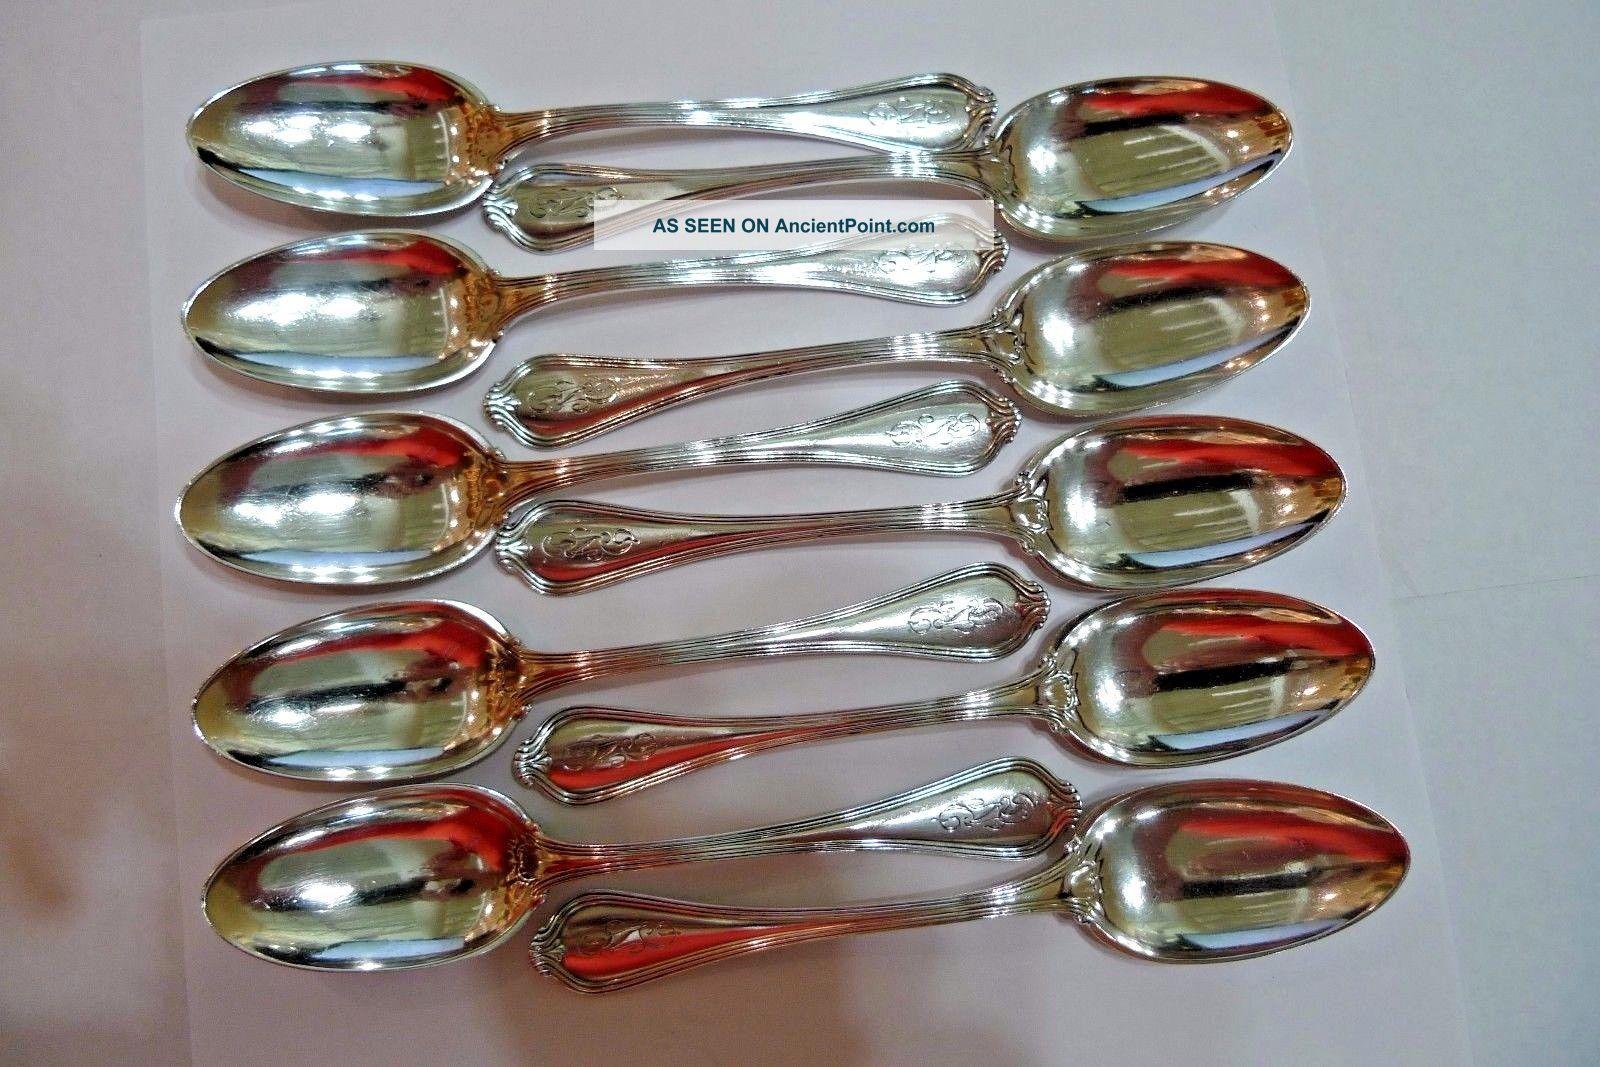 Vintage Sterling Silver Tea Spoons